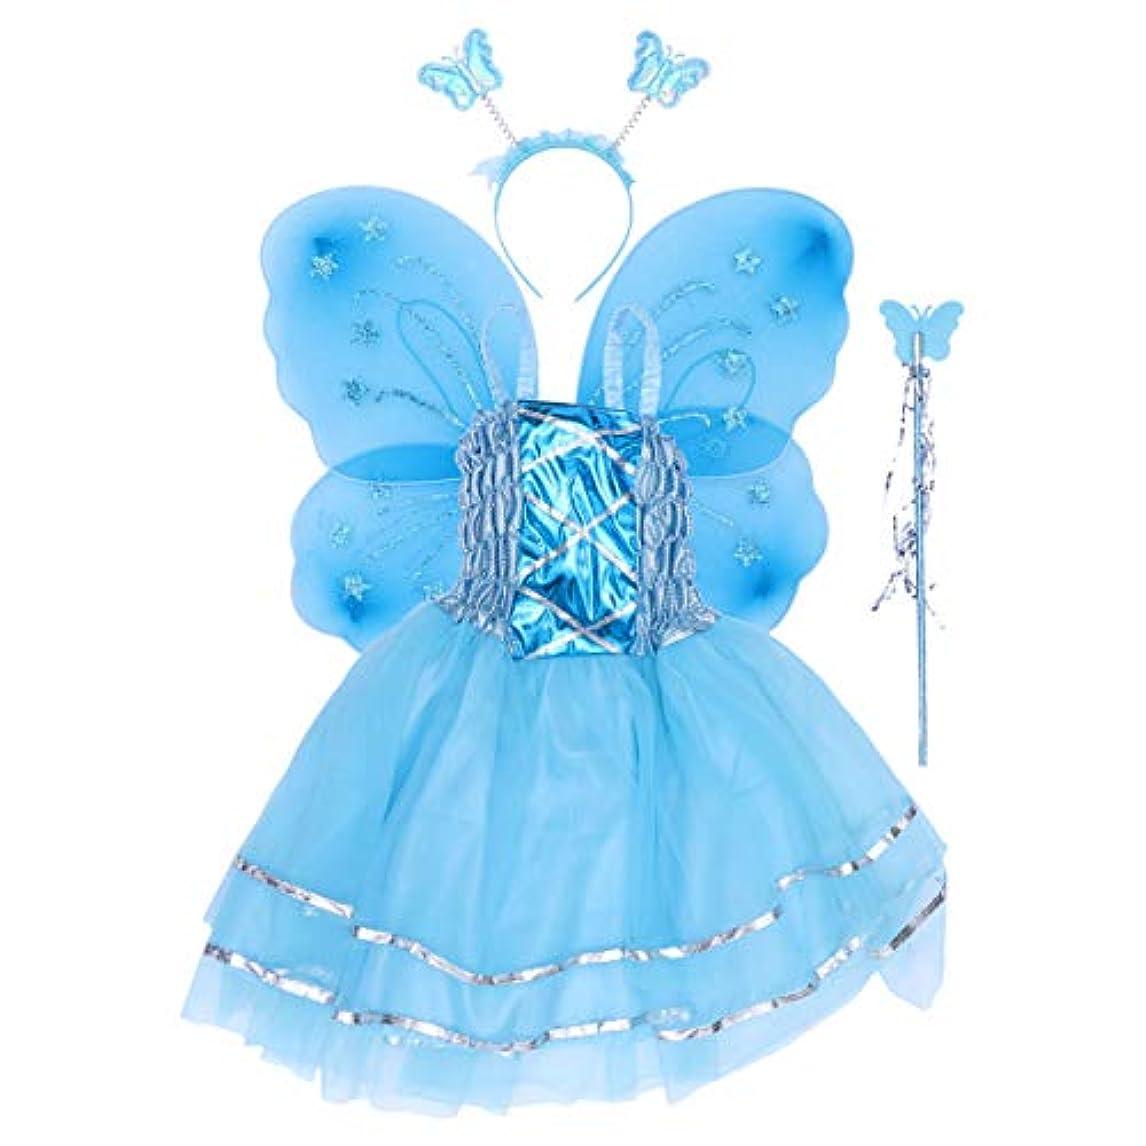 ドールポップ限られたBESTOYARD 蝶の羽、ワンド、ヘッドバンド、ツツードレス(スカイブルー)と4個の女の子バタフライプリンセス妖精のコスチュームセット